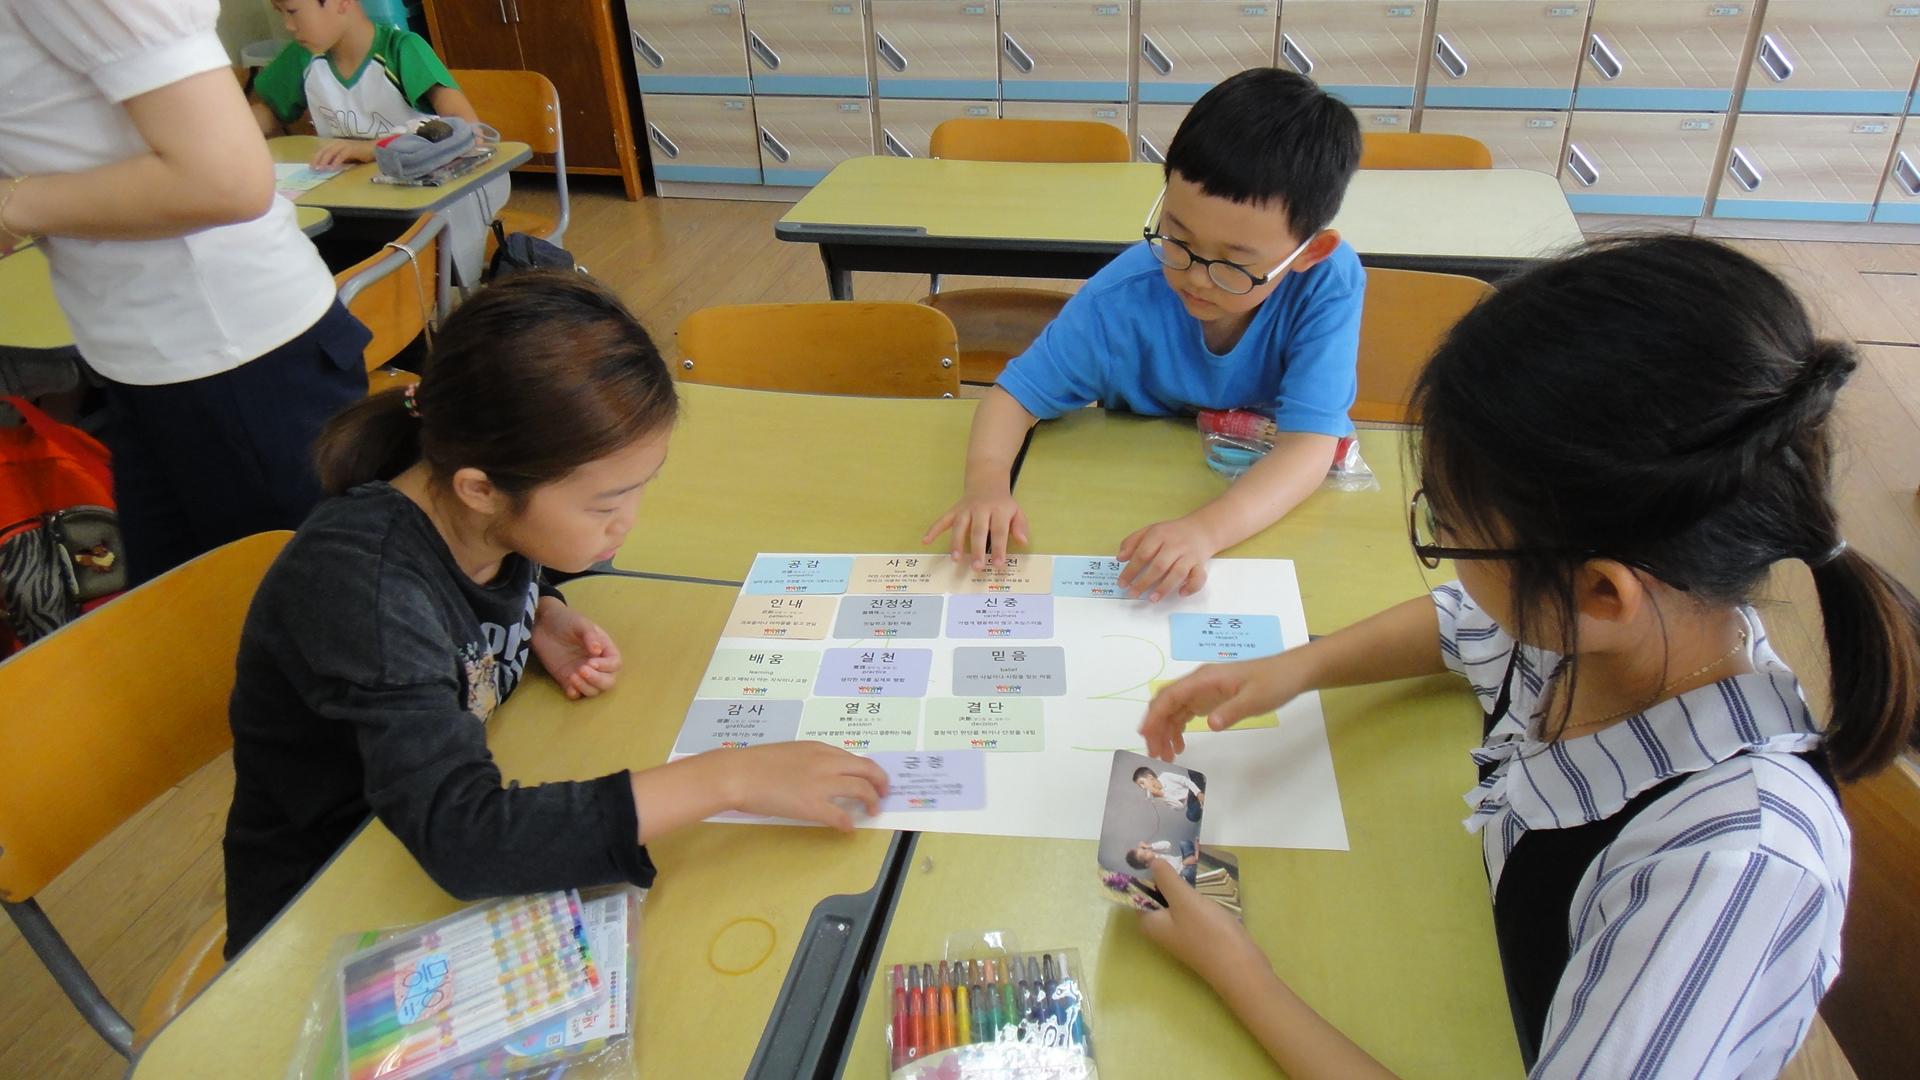 [일반] 2학기 전교 학생회 리더십 교육이 있었습니다.의 첨부이미지 3